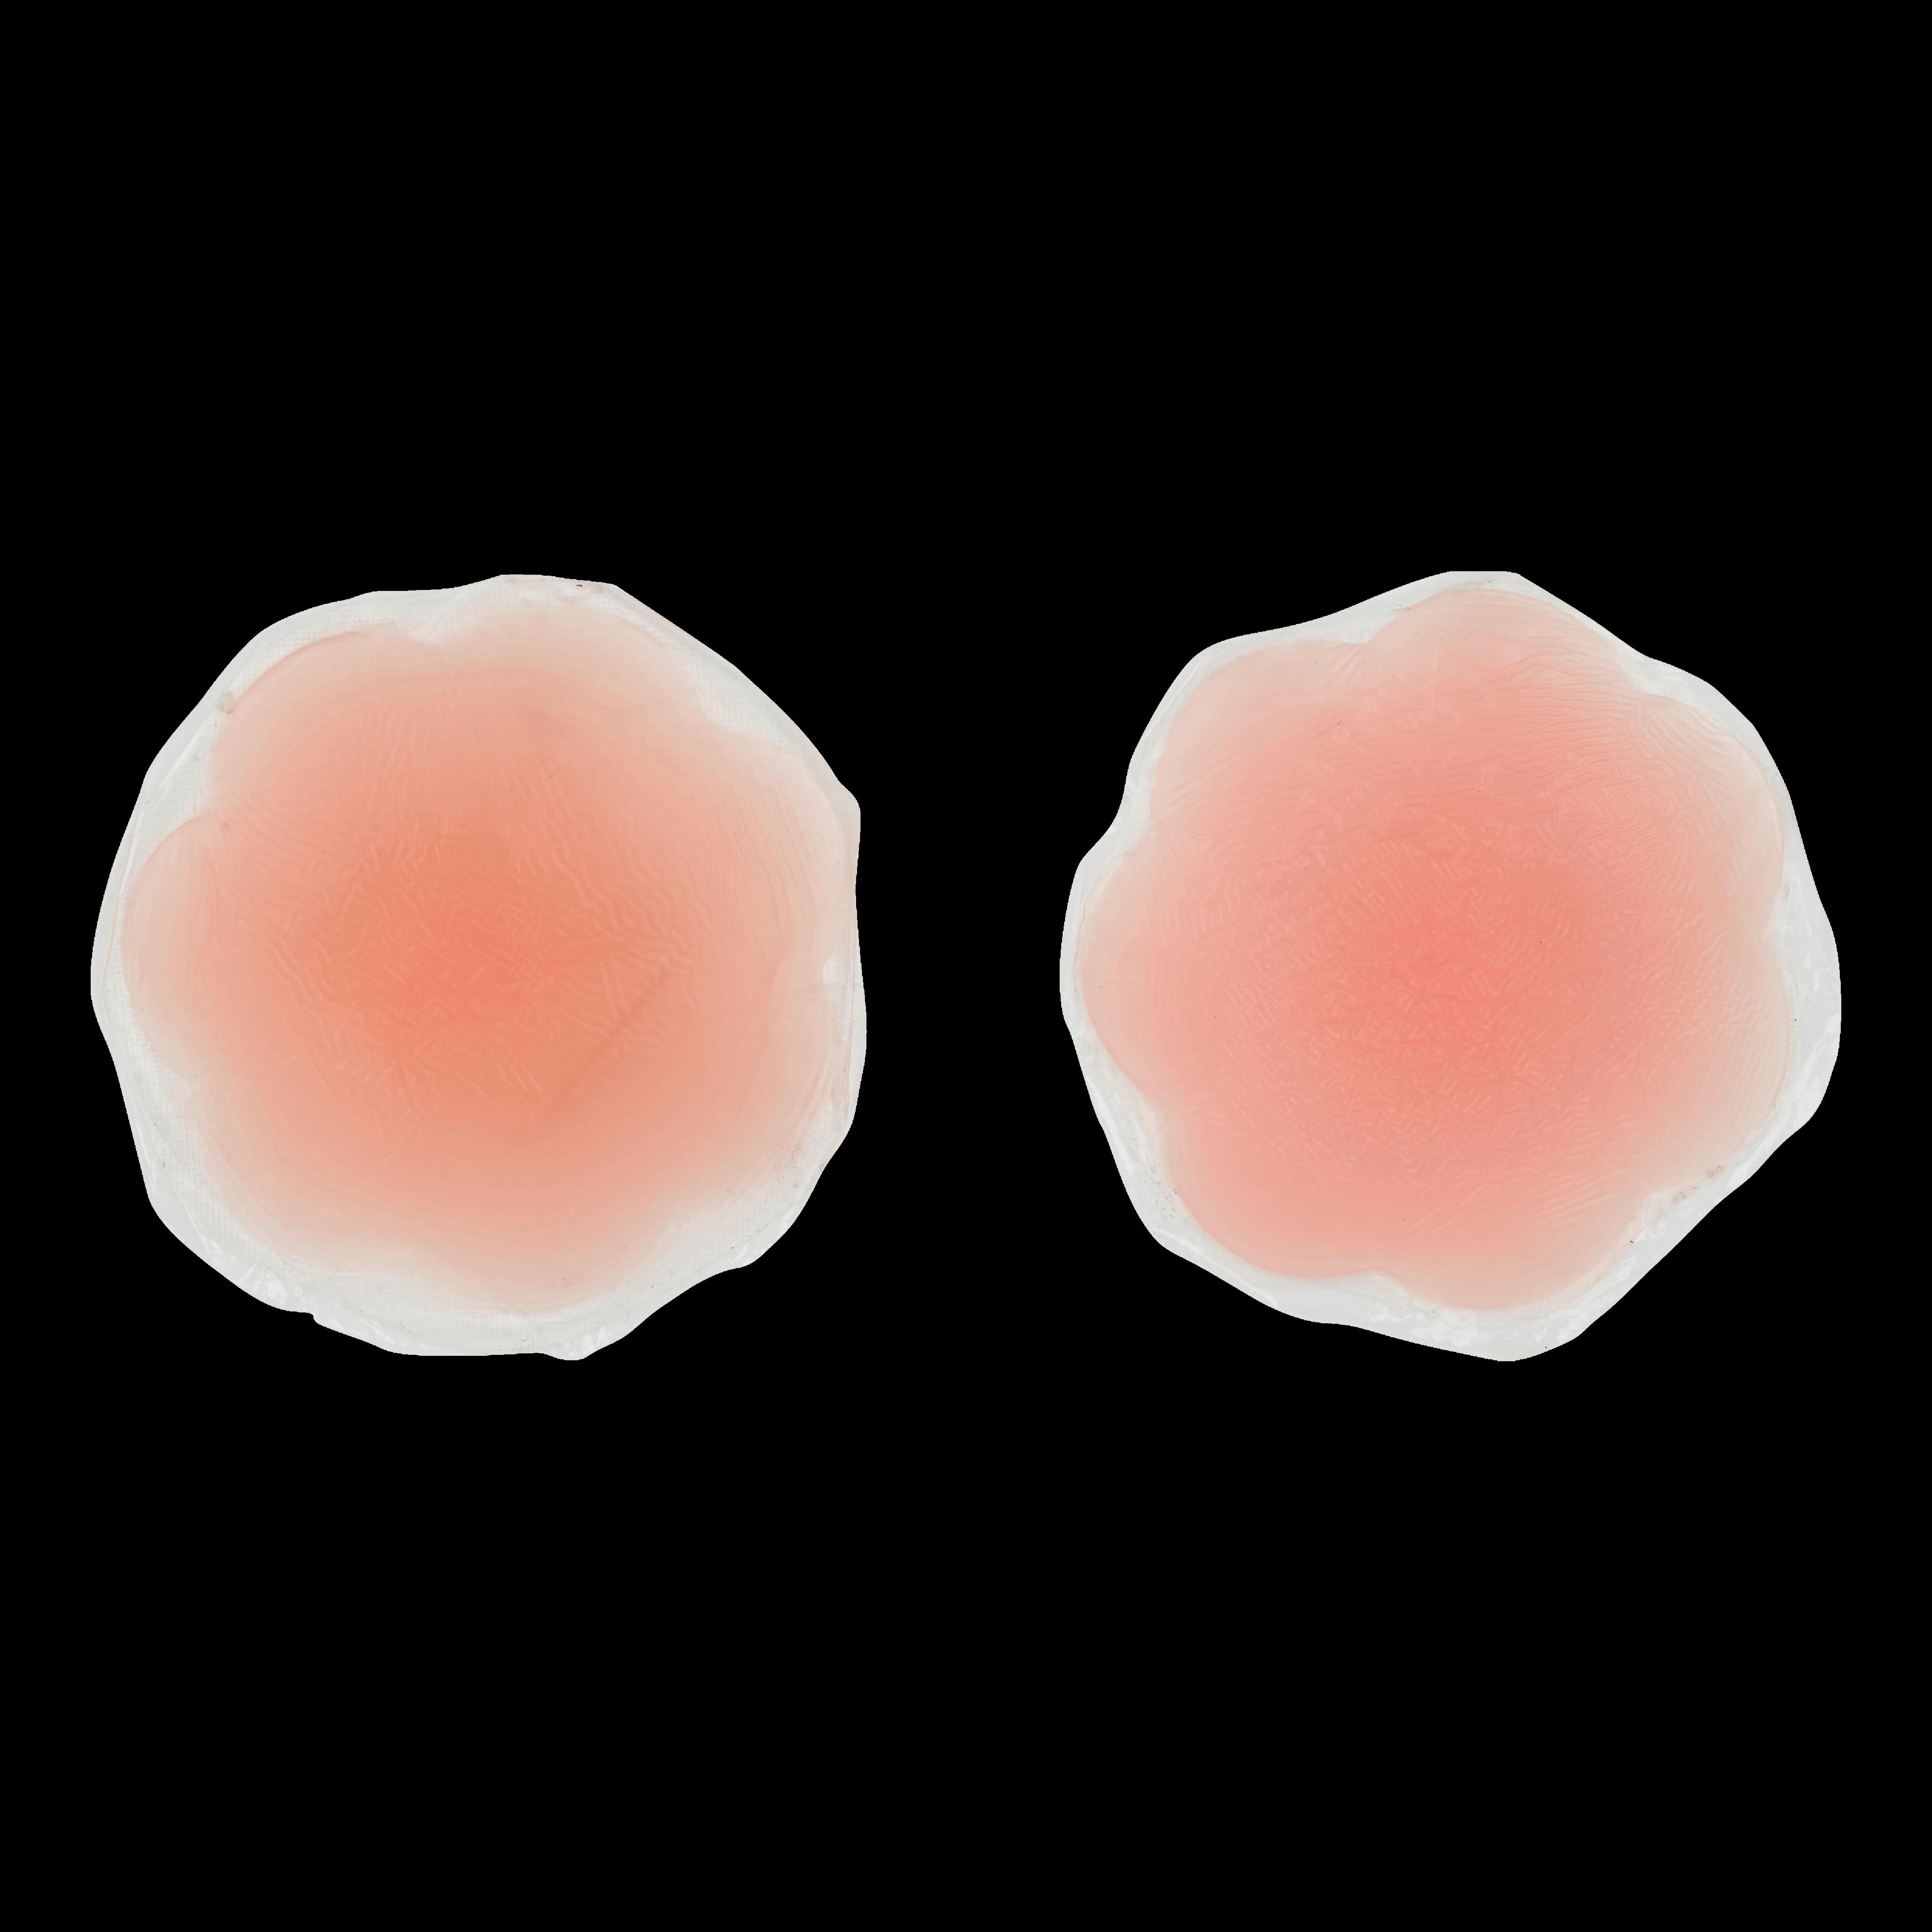 ACCESSOIRE FEMME - Pétales Silicone Cache-tétons - COUSSIN PUSH-UP - PETALE - Multi - TU - Vilebrequ